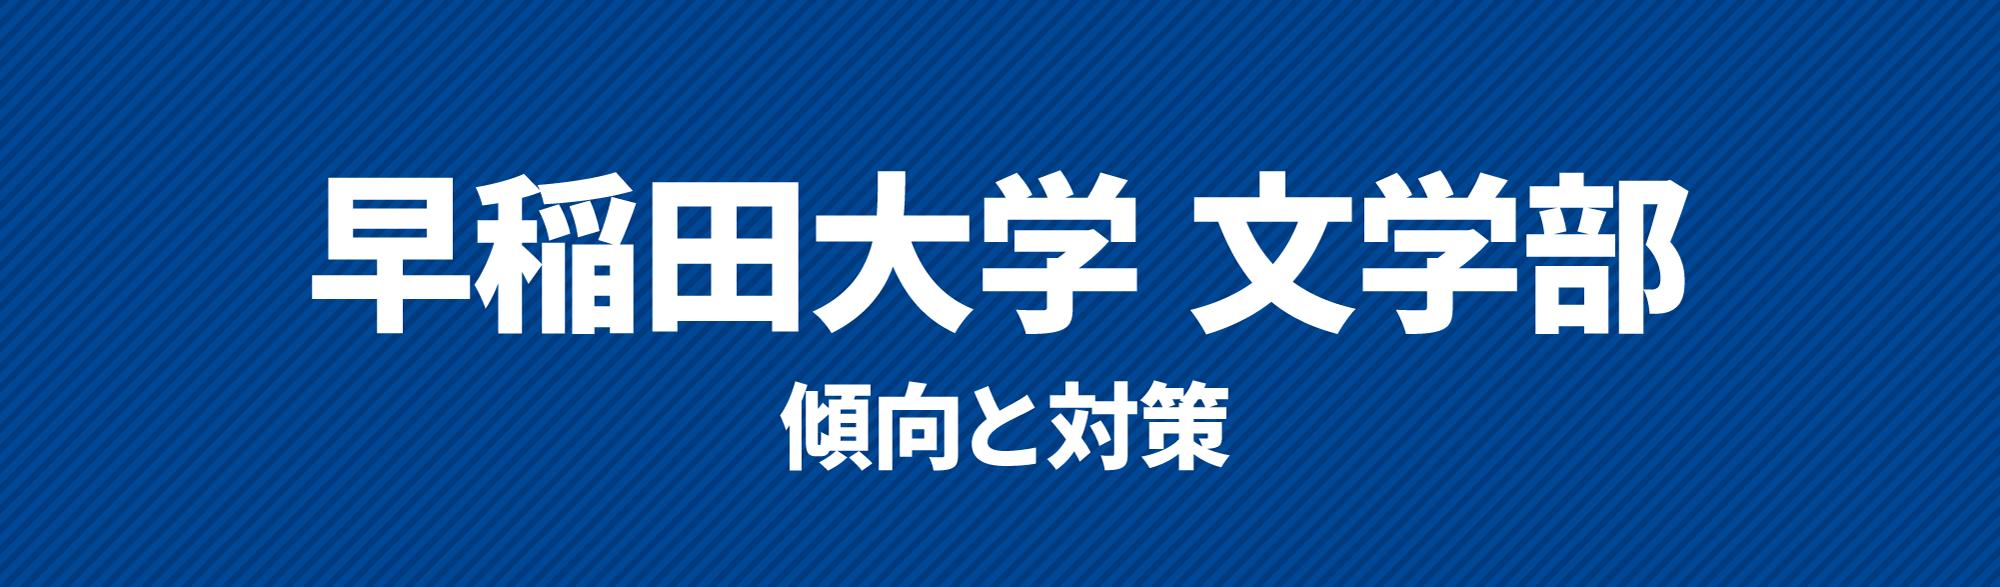 早稲田大学文学部傾向と対策